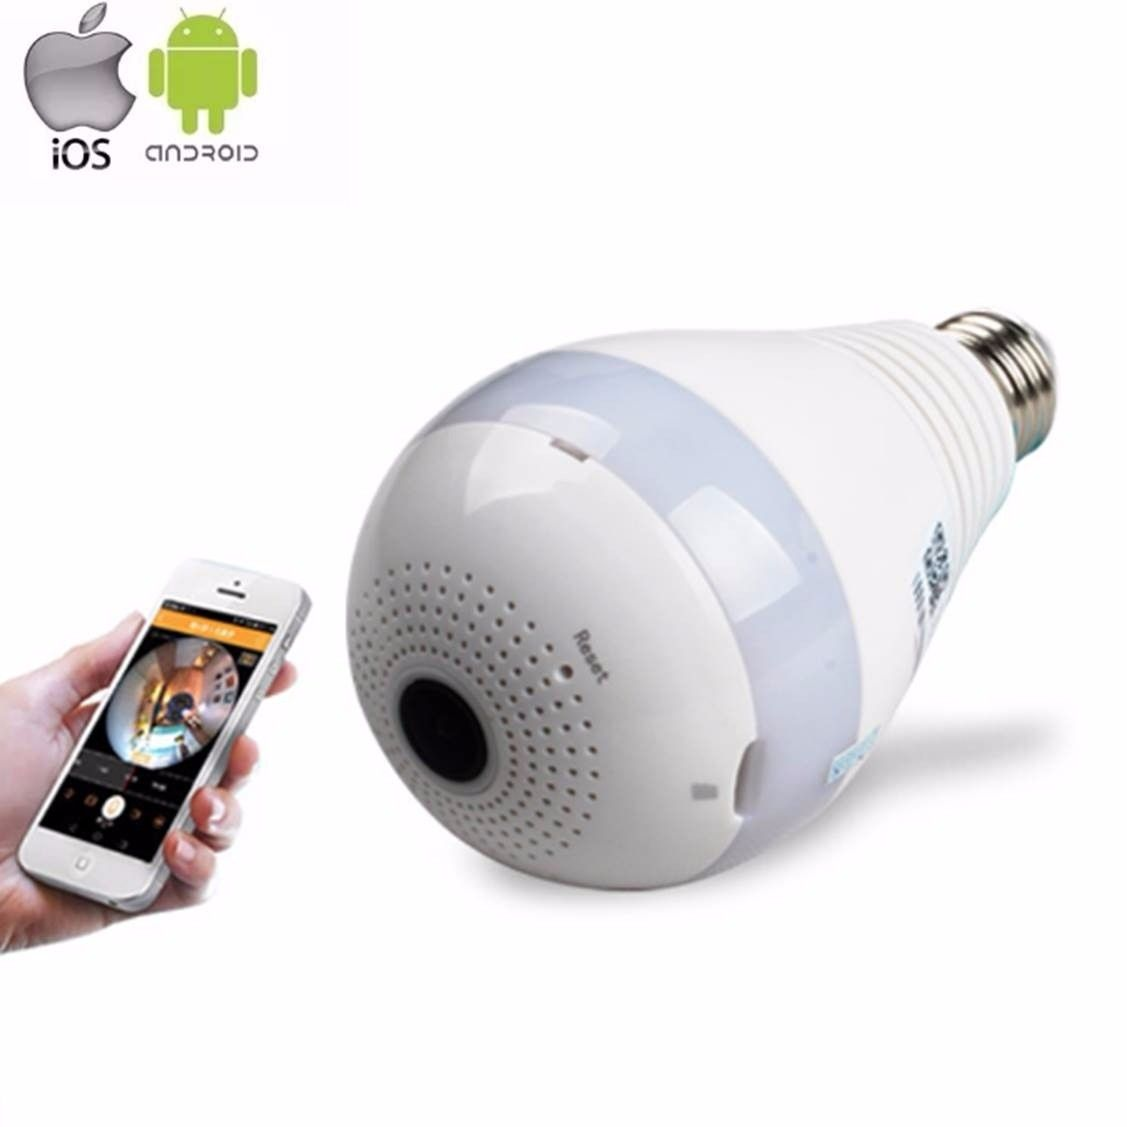 Câmera Lâmpada Espiã Wifi 960P Hd IP Led  Panorâmica Vr 360º com Áudio